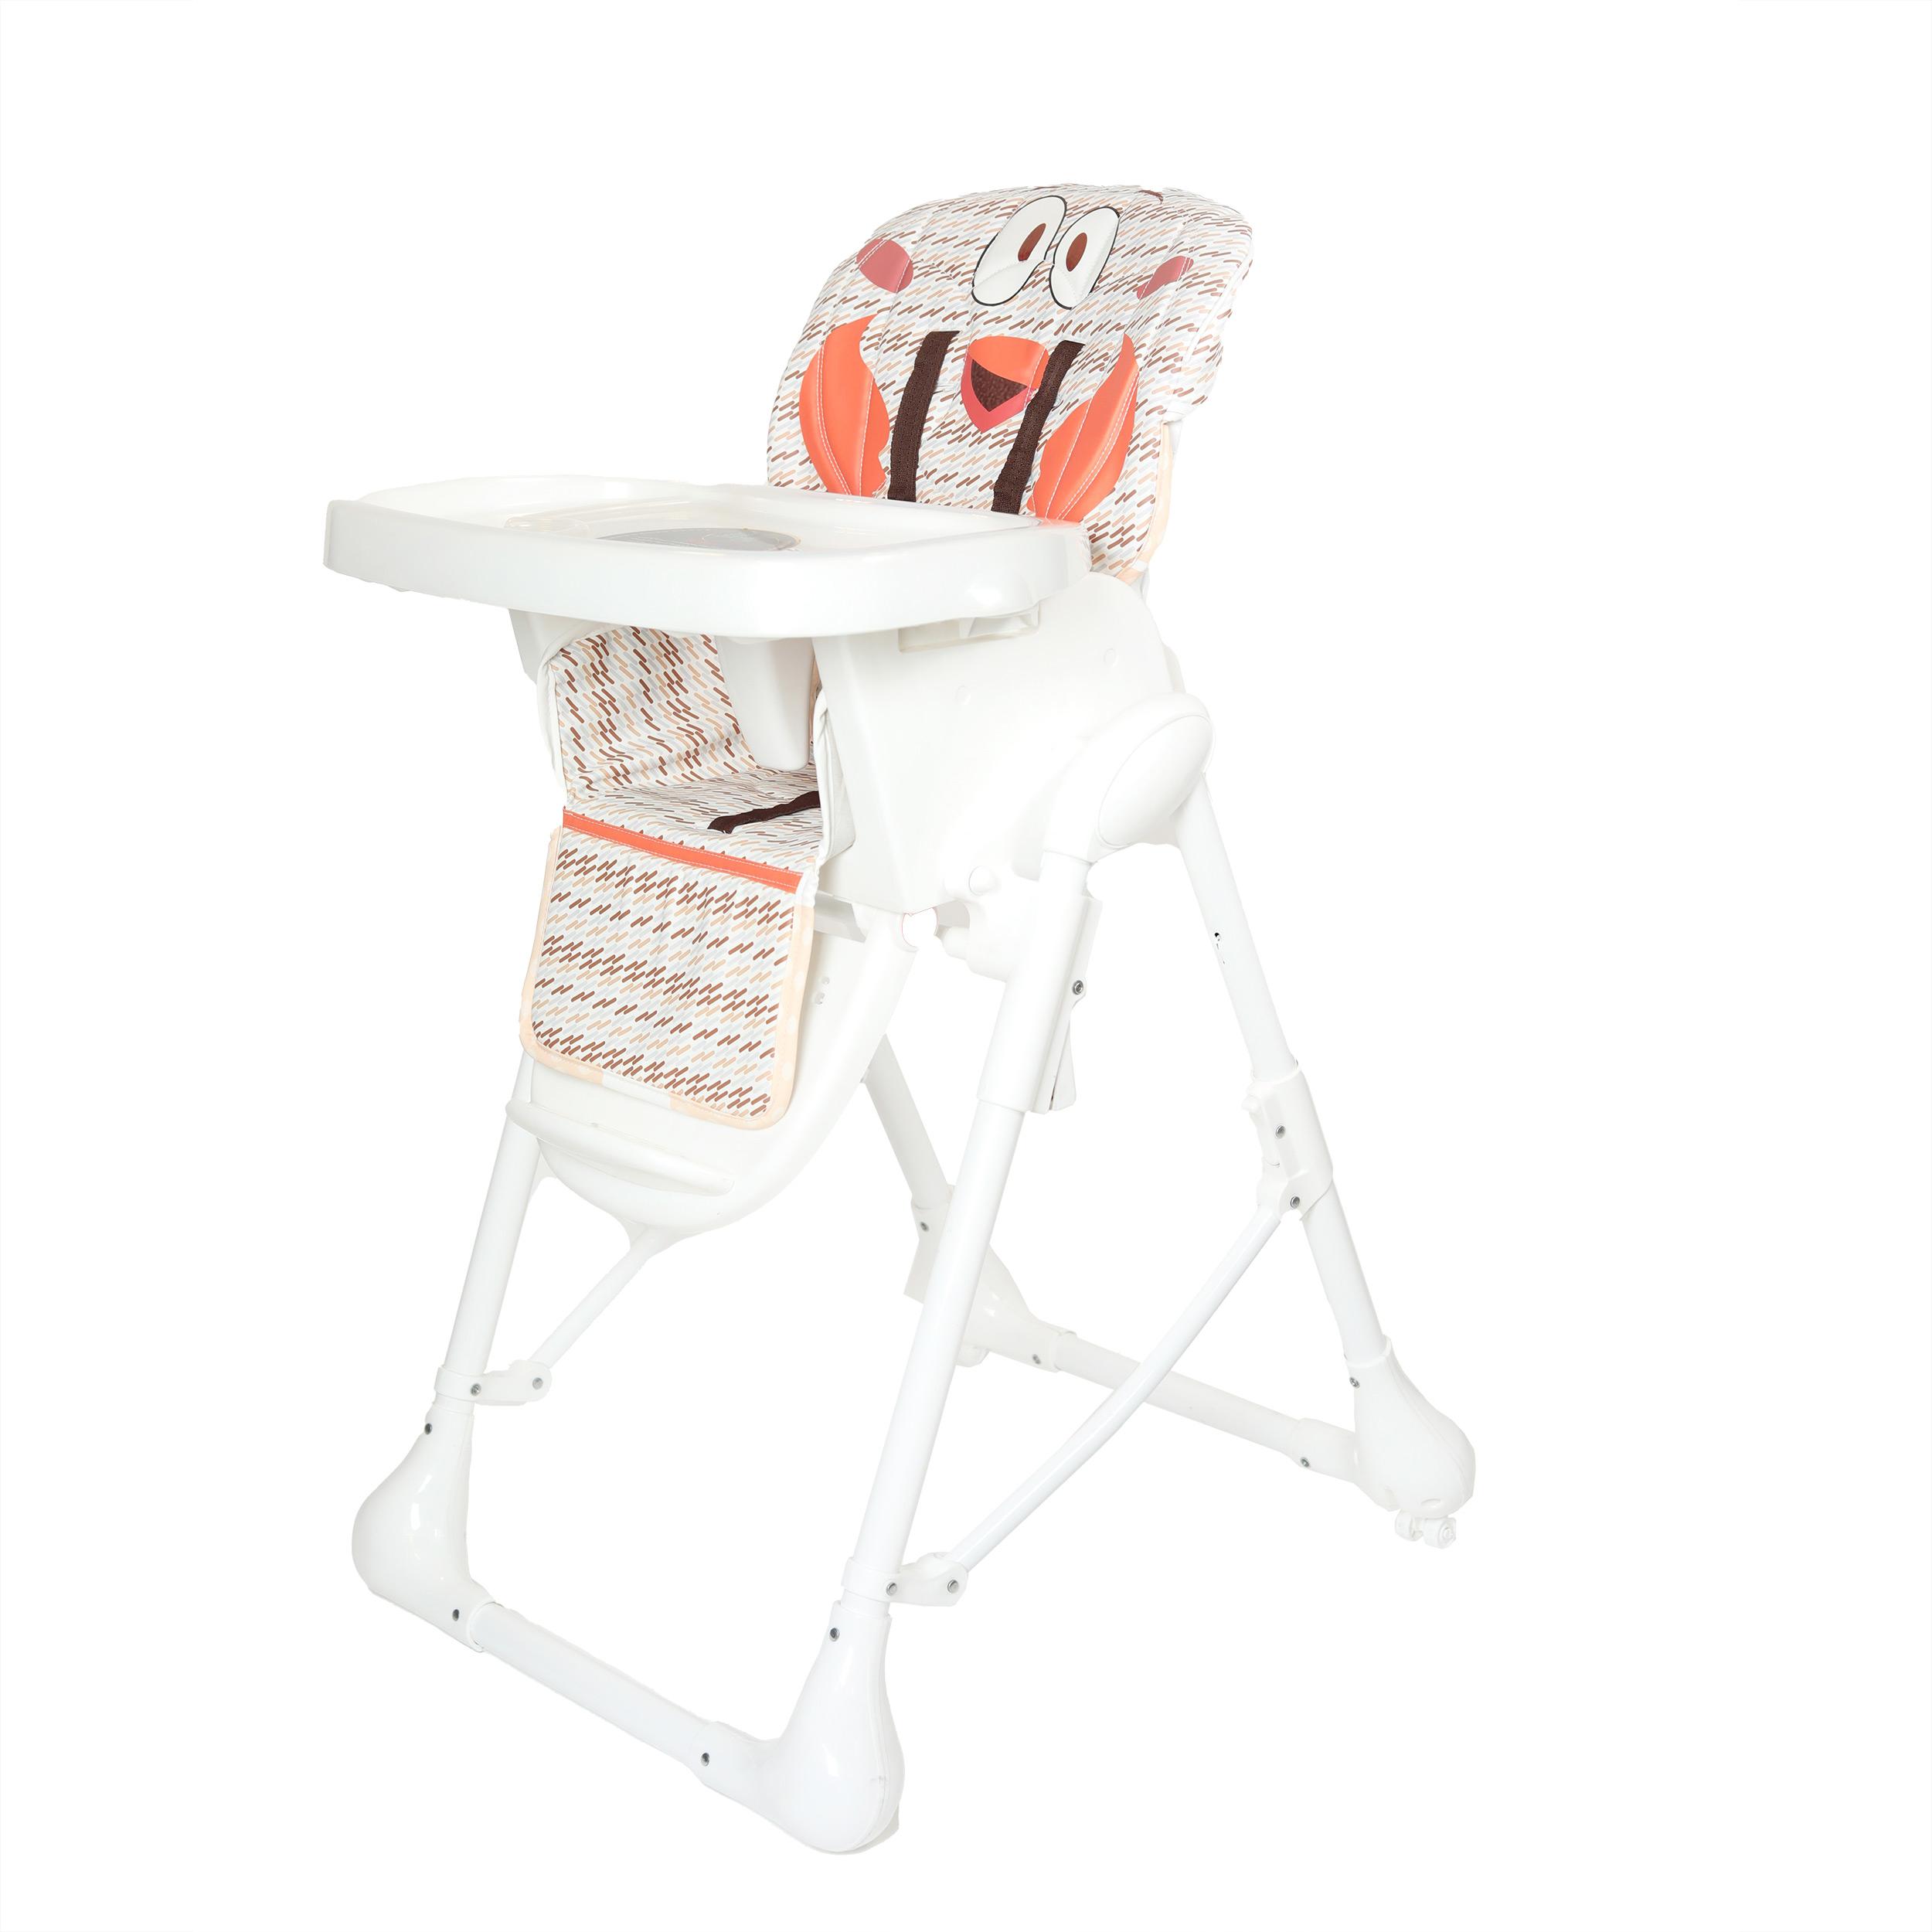 صندلی غذاخوری کودک بی بی ماک مدل Z111